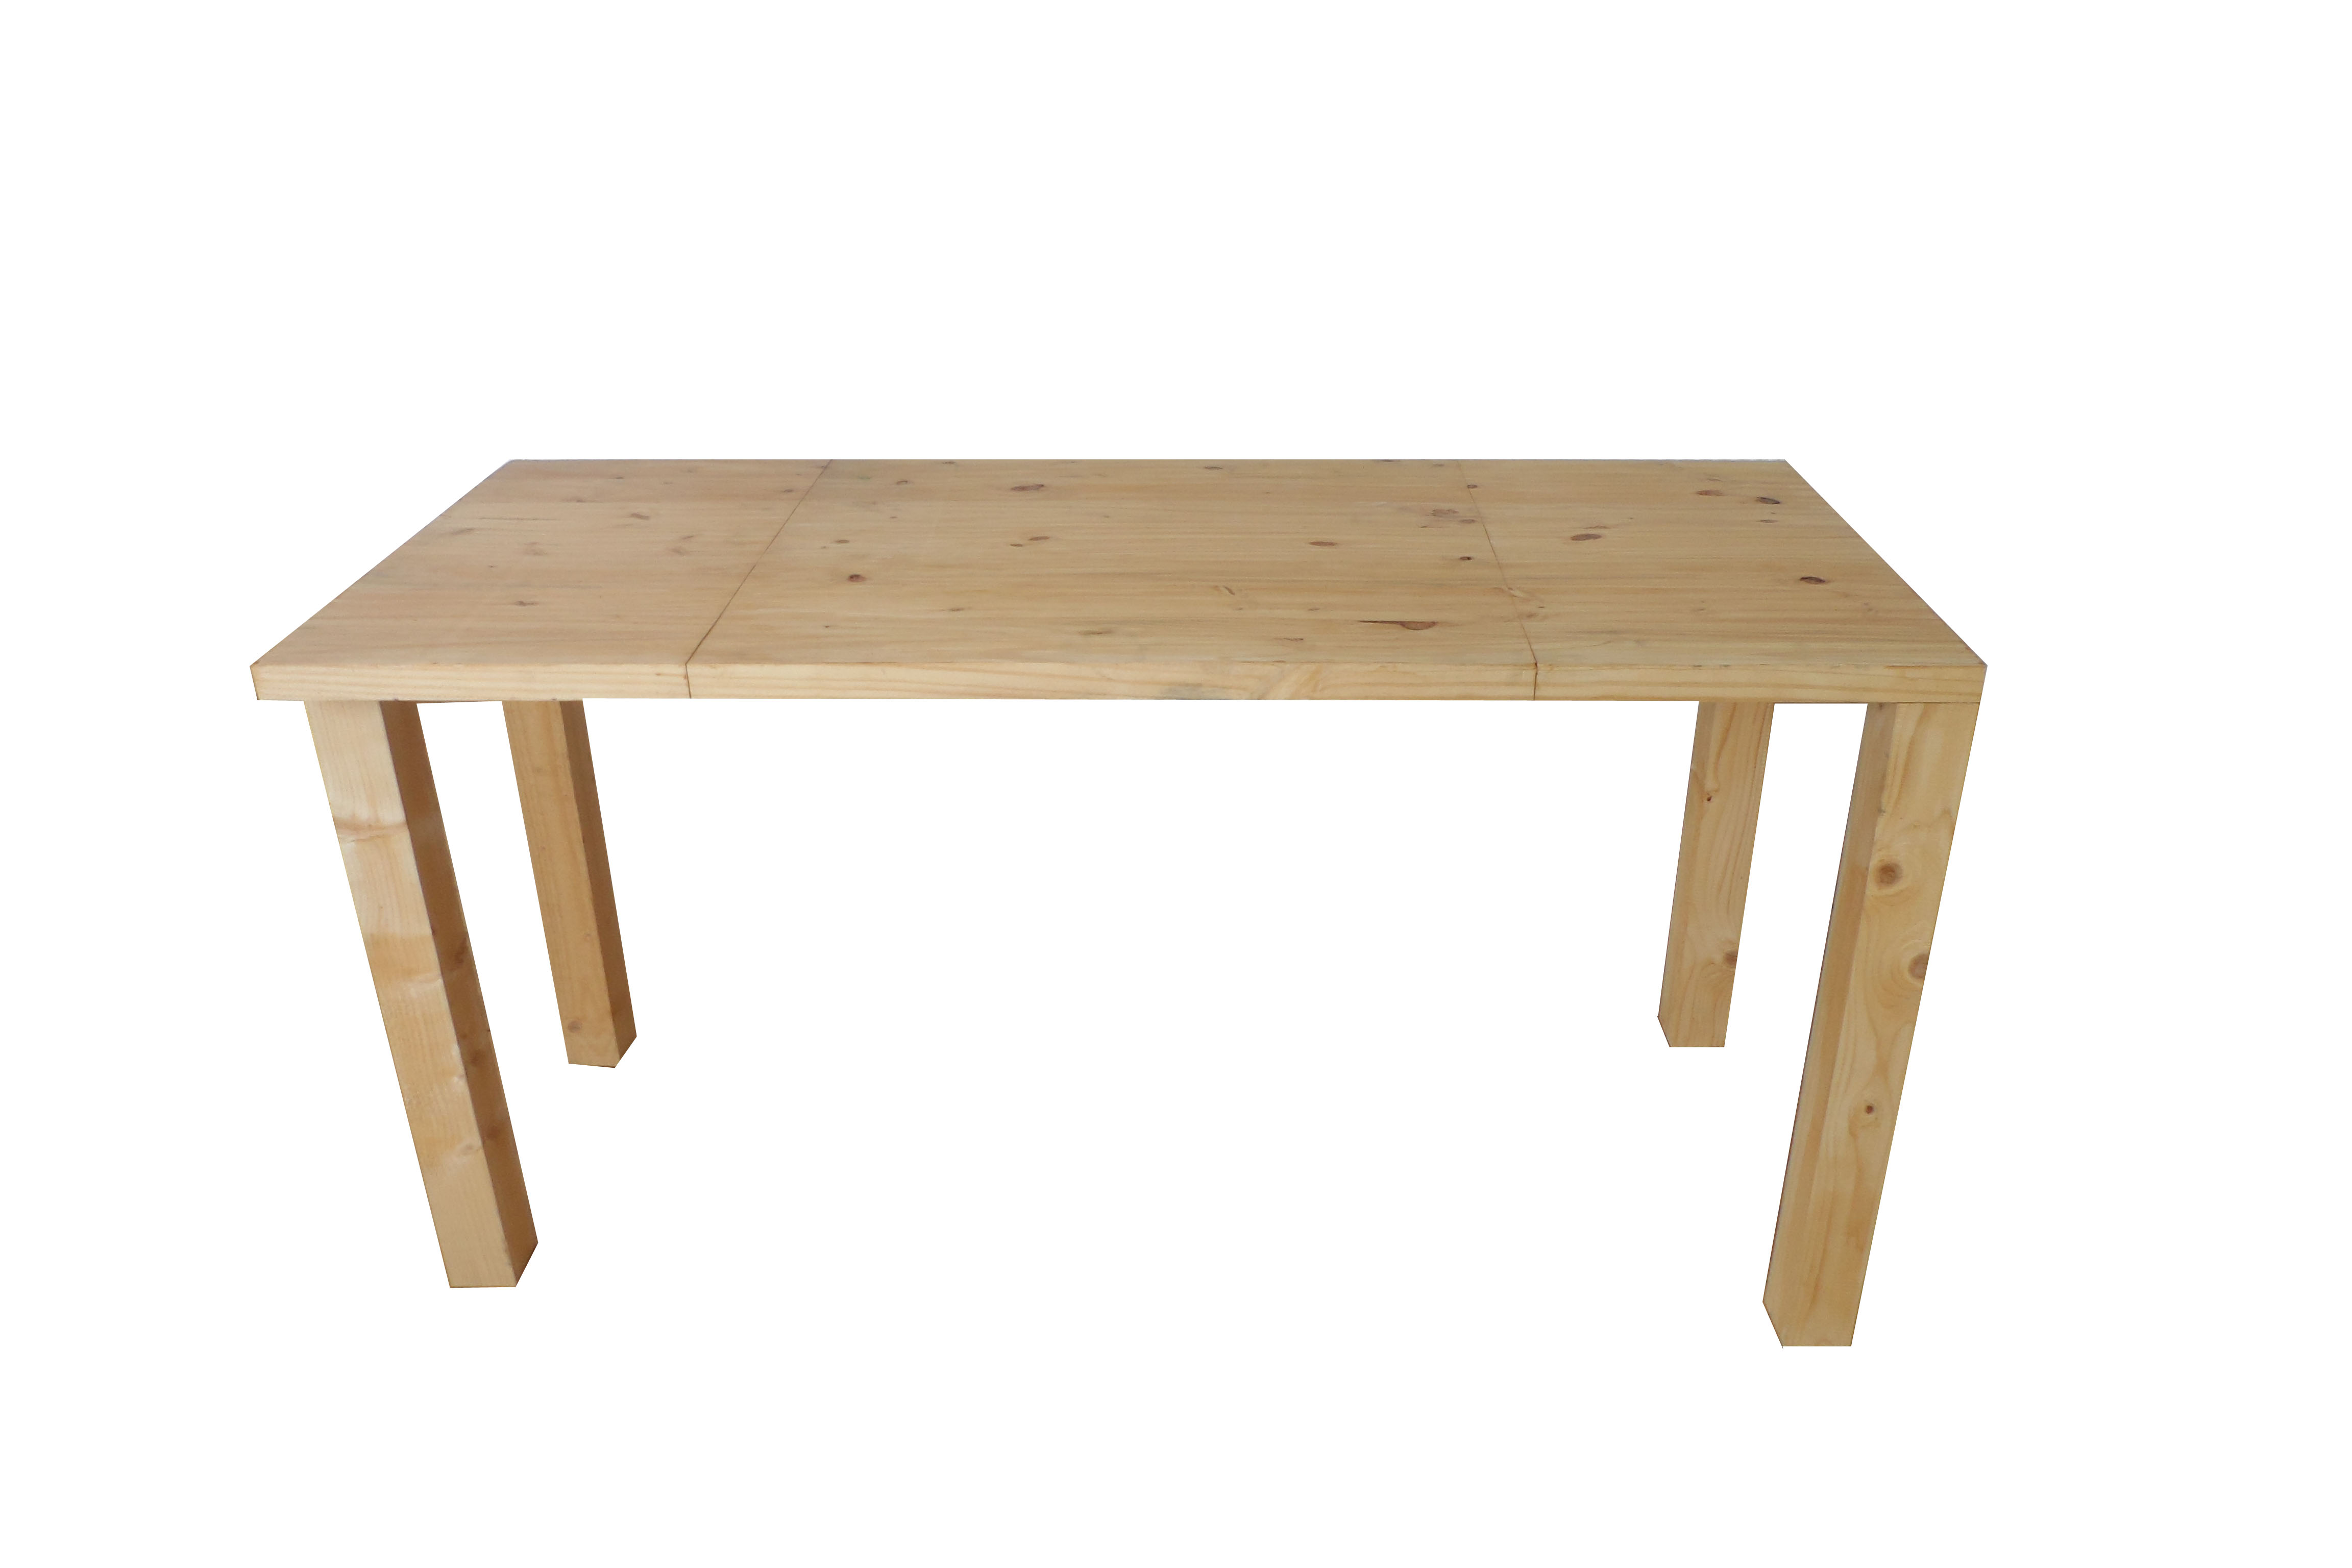 table basse relevable accessoires maison par maquettedesign. Black Bedroom Furniture Sets. Home Design Ideas